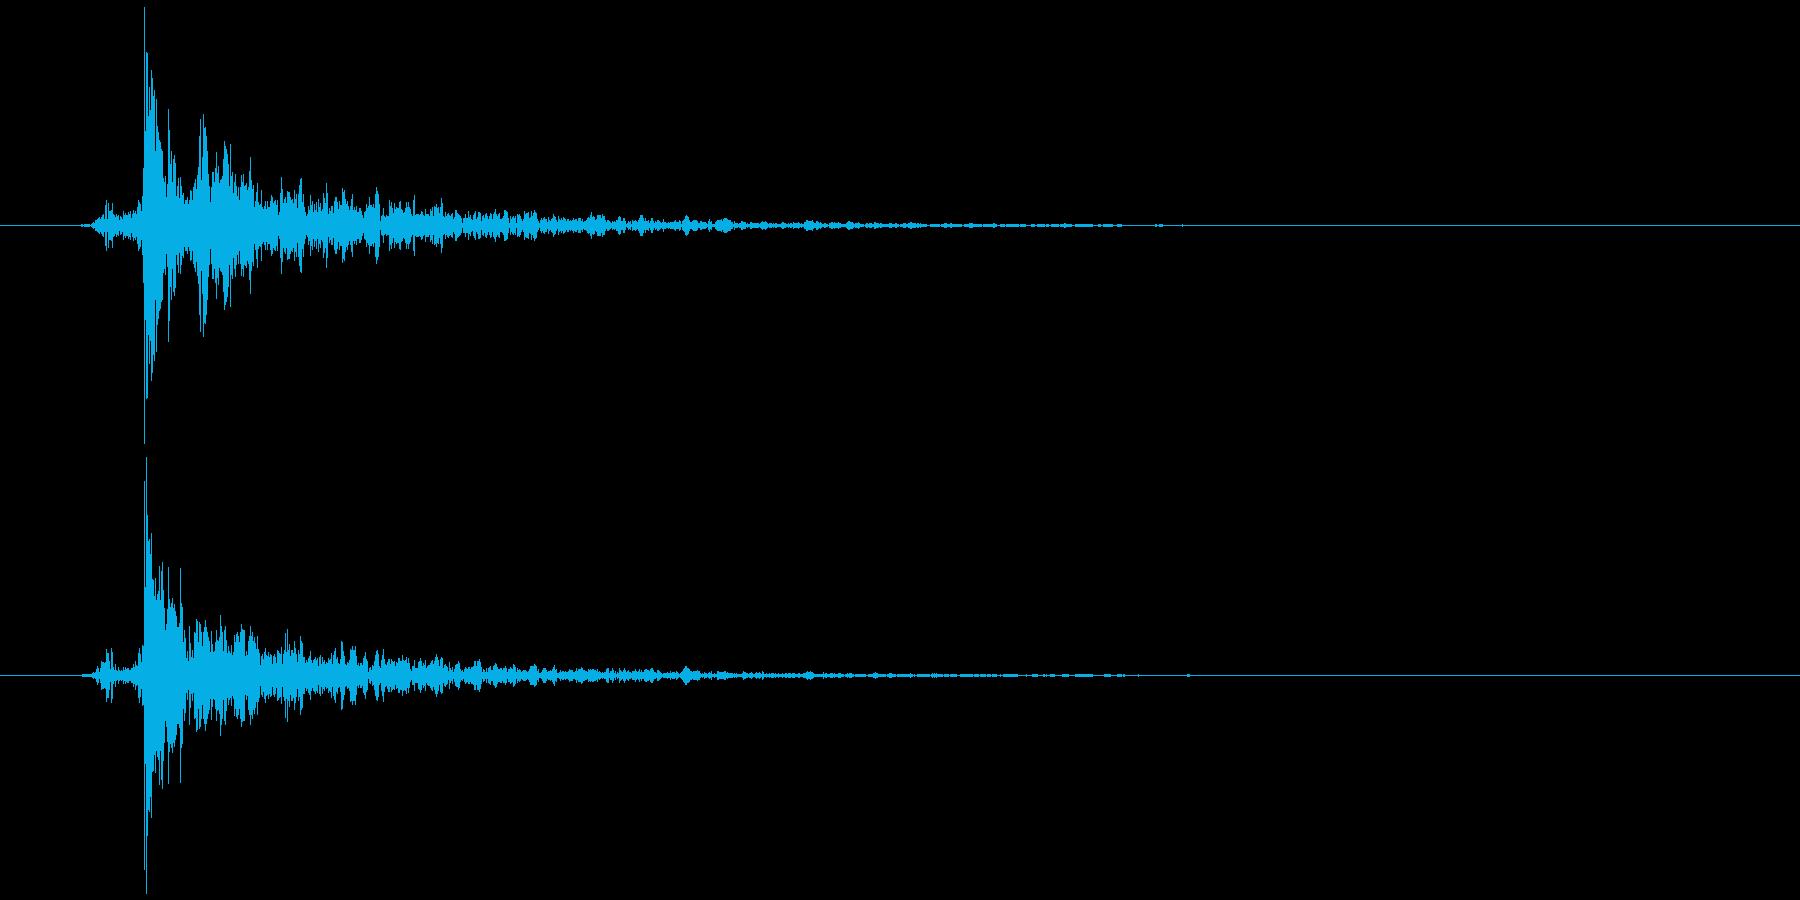 指パッチン(フィンガースナップE)生音2の再生済みの波形